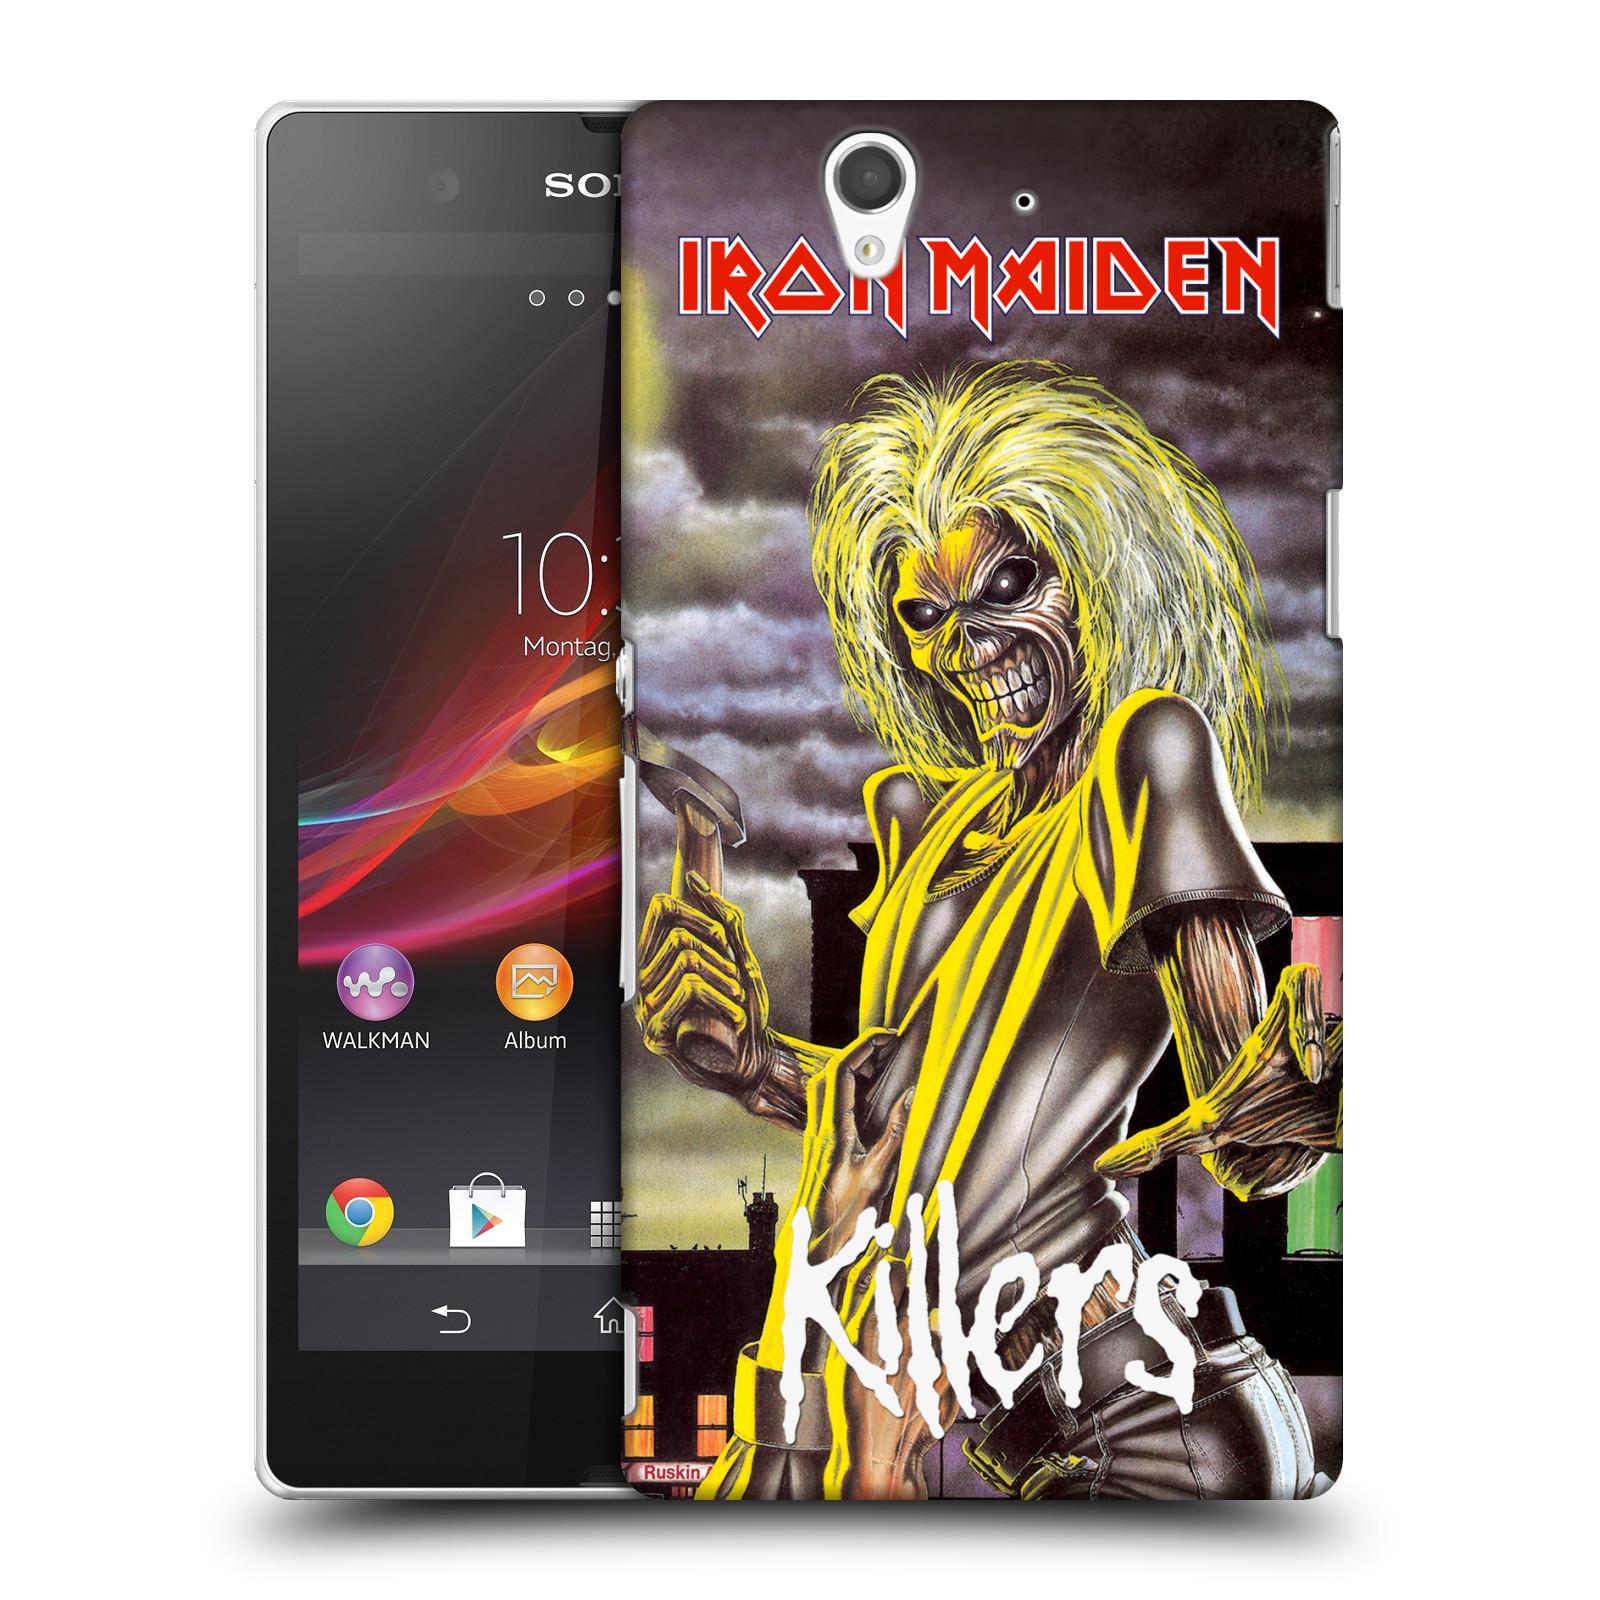 Plastové pouzdro na mobil Sony Xperia Z C6603 HEAD CASE - Iron Maiden - Killers (Plastový kryt či obal na mobilní telefon s licencovaným motivem Iron Maiden Sony Xperia Z)